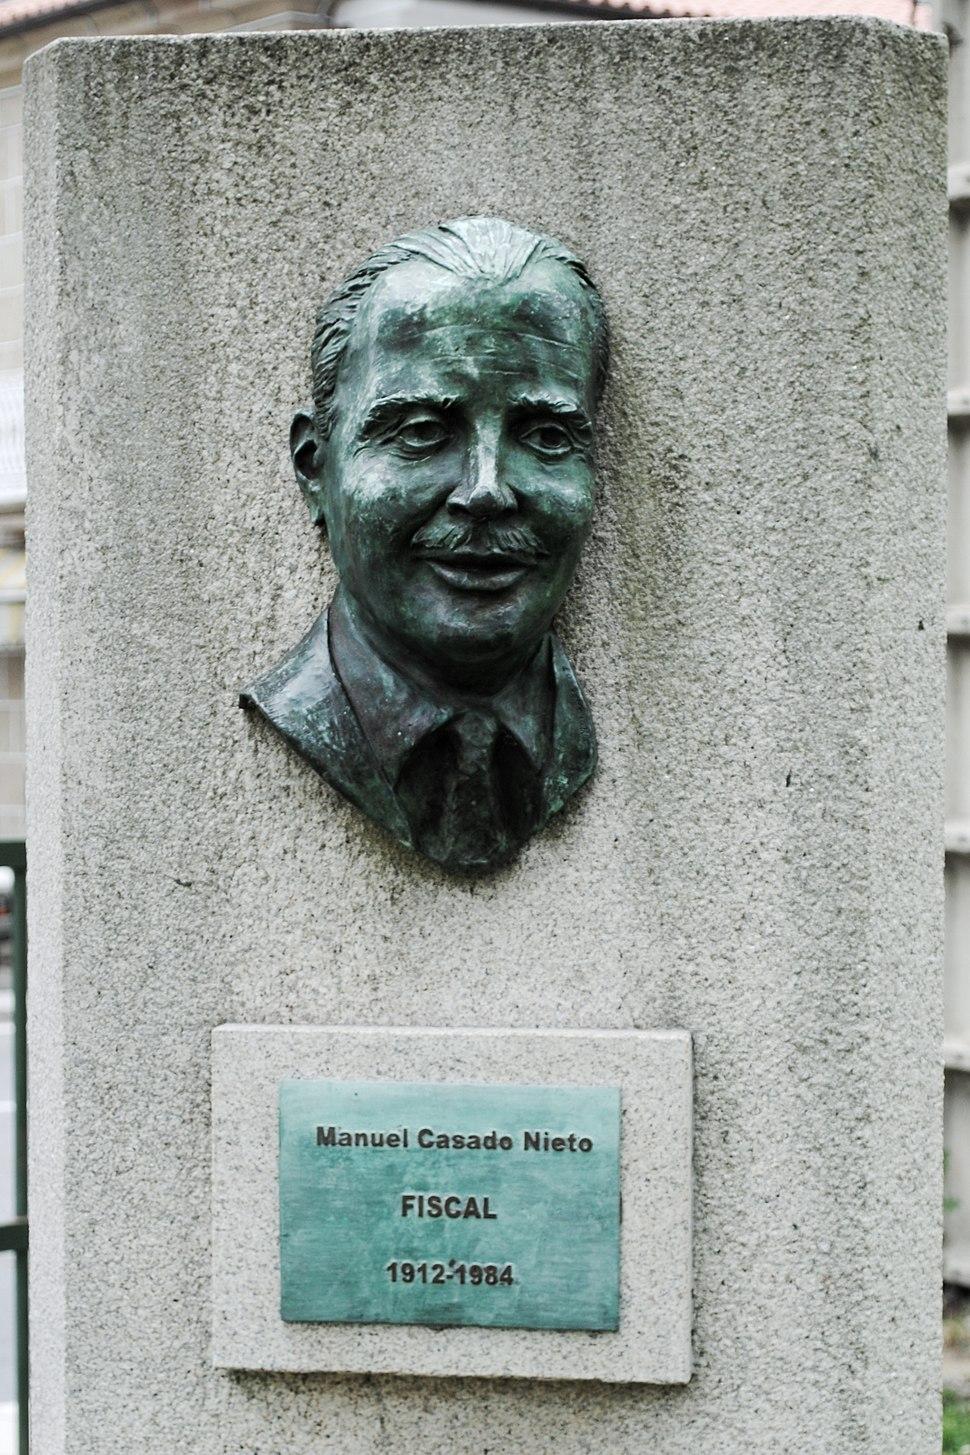 Castro Caldelas, Manuel Casado Nieto